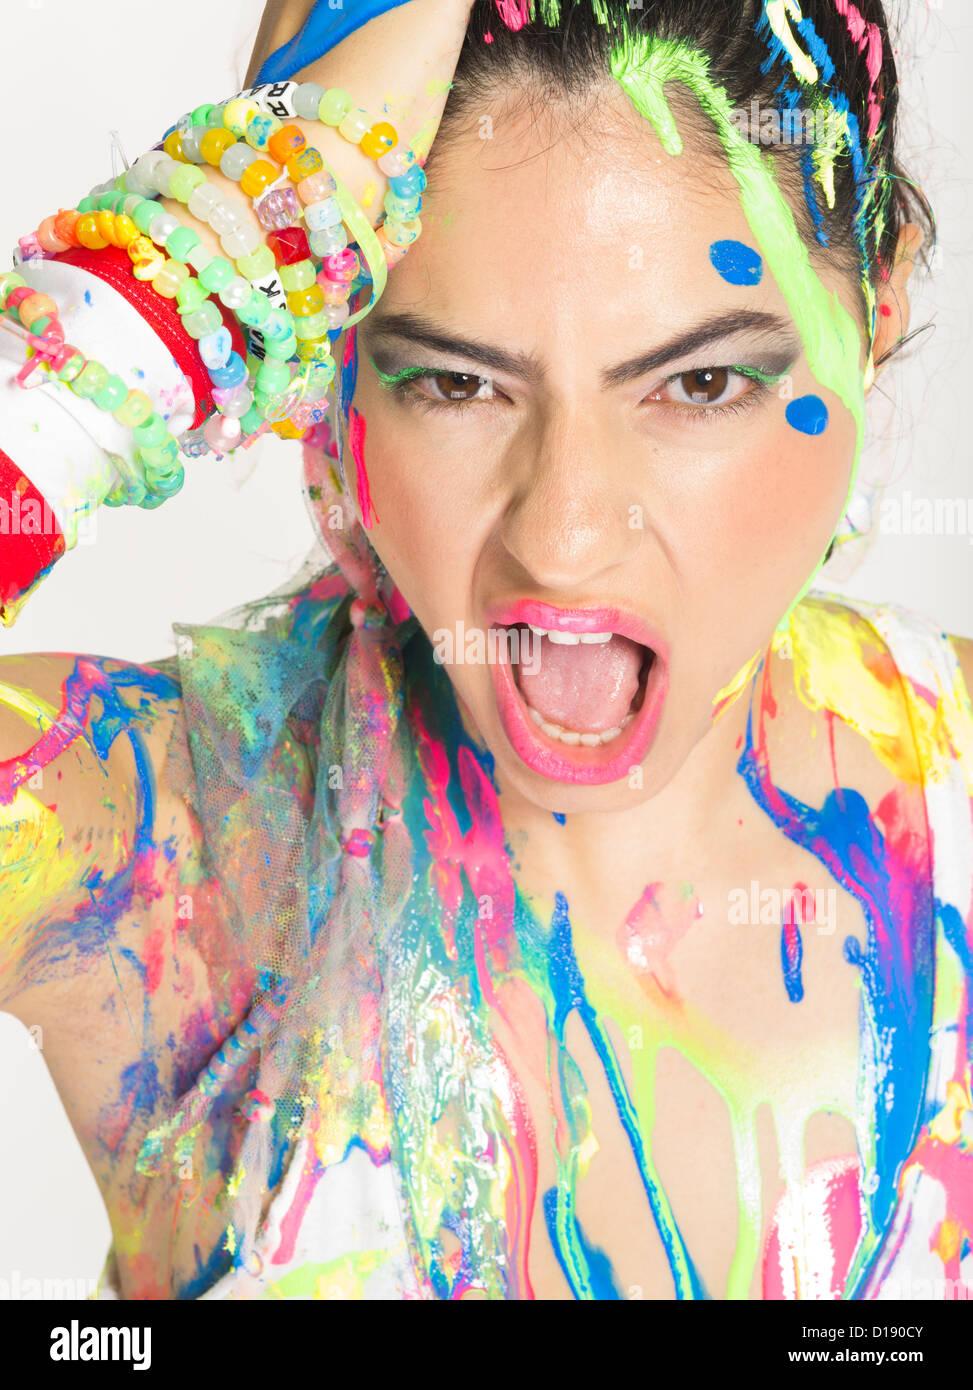 Neon Paint Party Dancer  / Clubber  / Raver - Stock Image